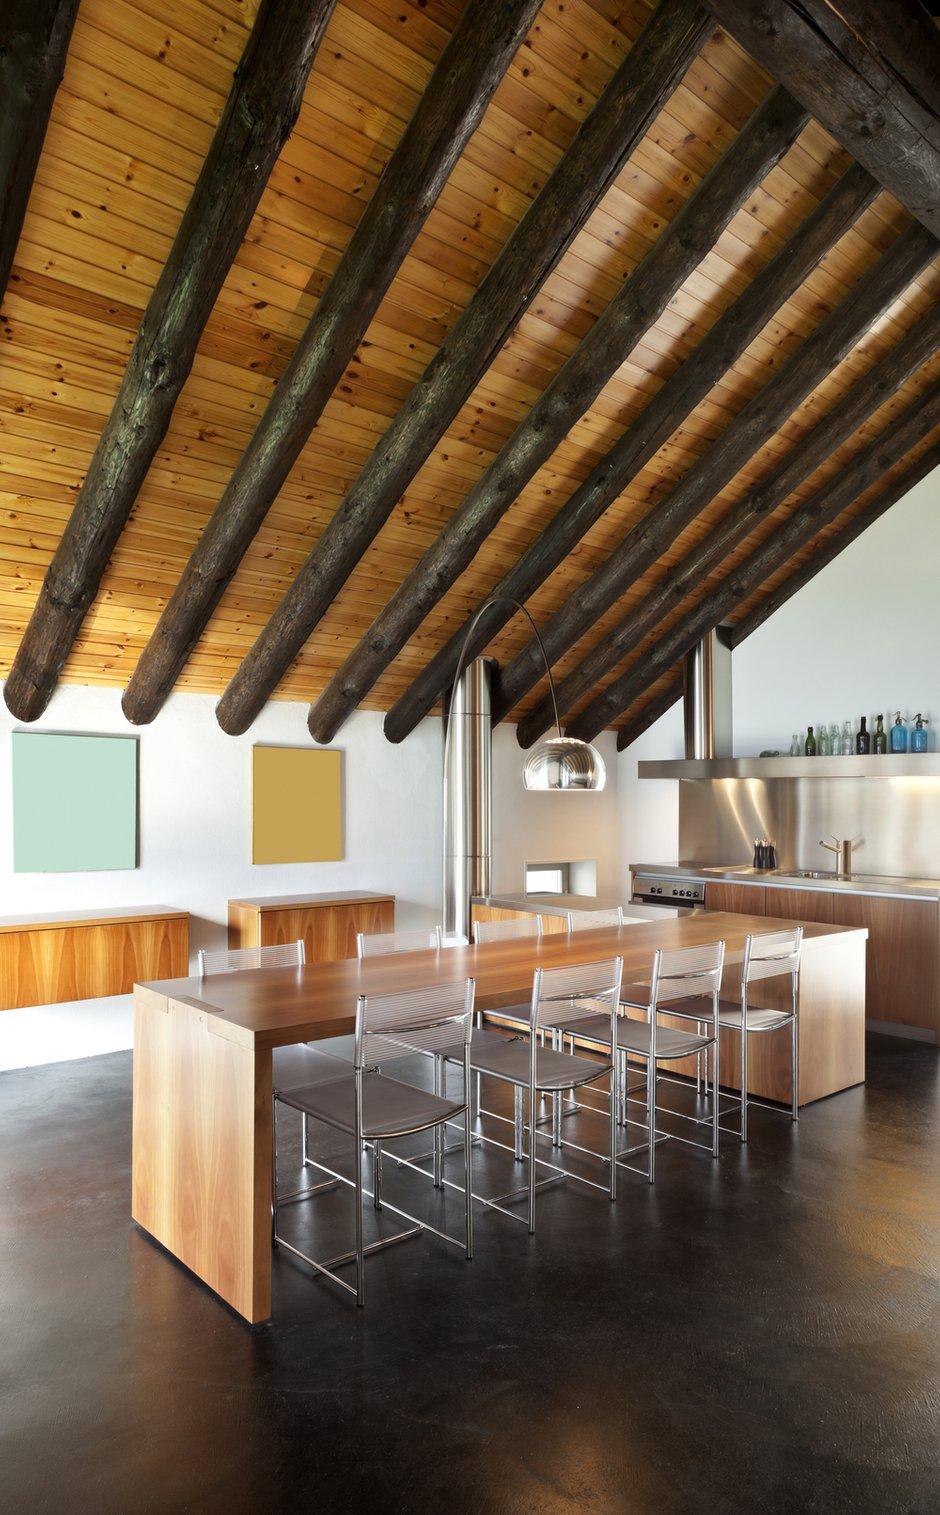 Фотография: Кухня и столовая в стиле Прованс и Кантри, Современный, Декор интерьера, Квартира, Дома и квартиры, Стена, Индустриальный – фото на INMYROOM